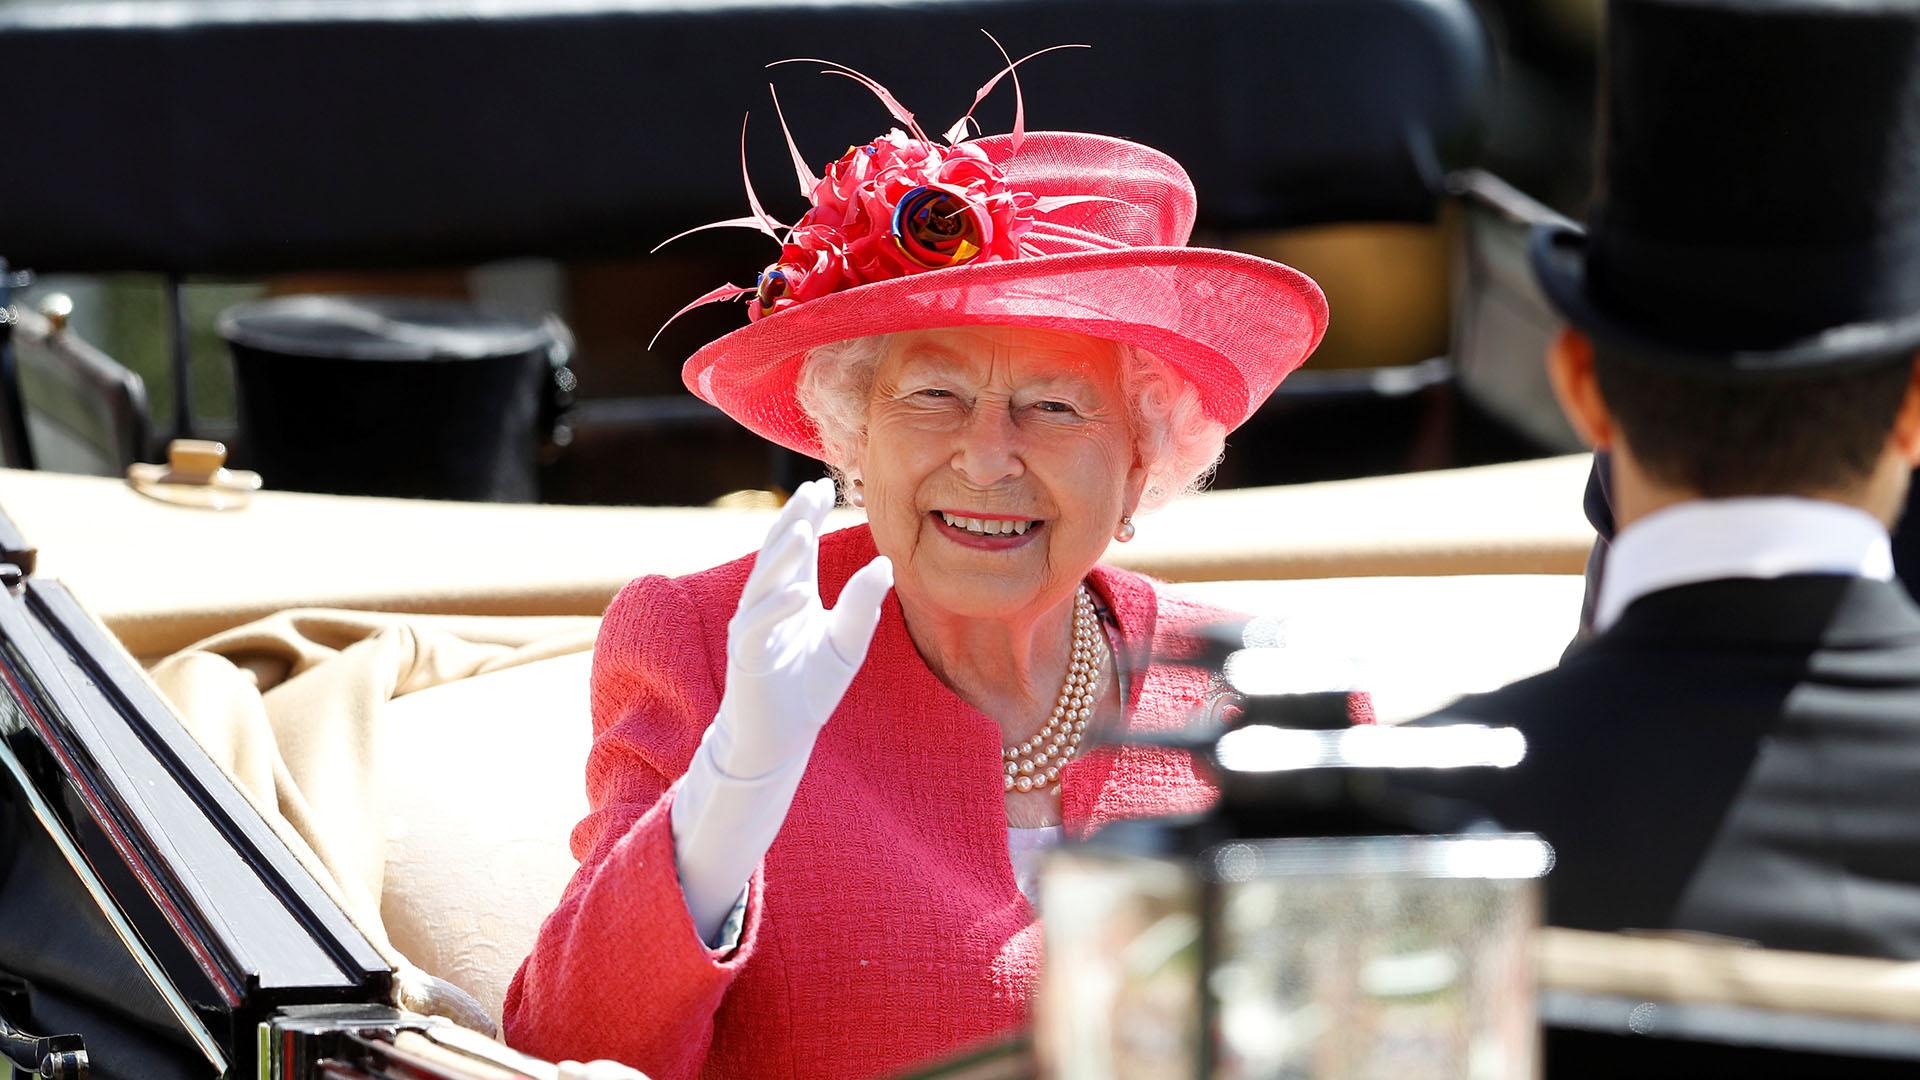 La Soberana británica fue recibida con una ovación generalizada y también saludó desde su carroza